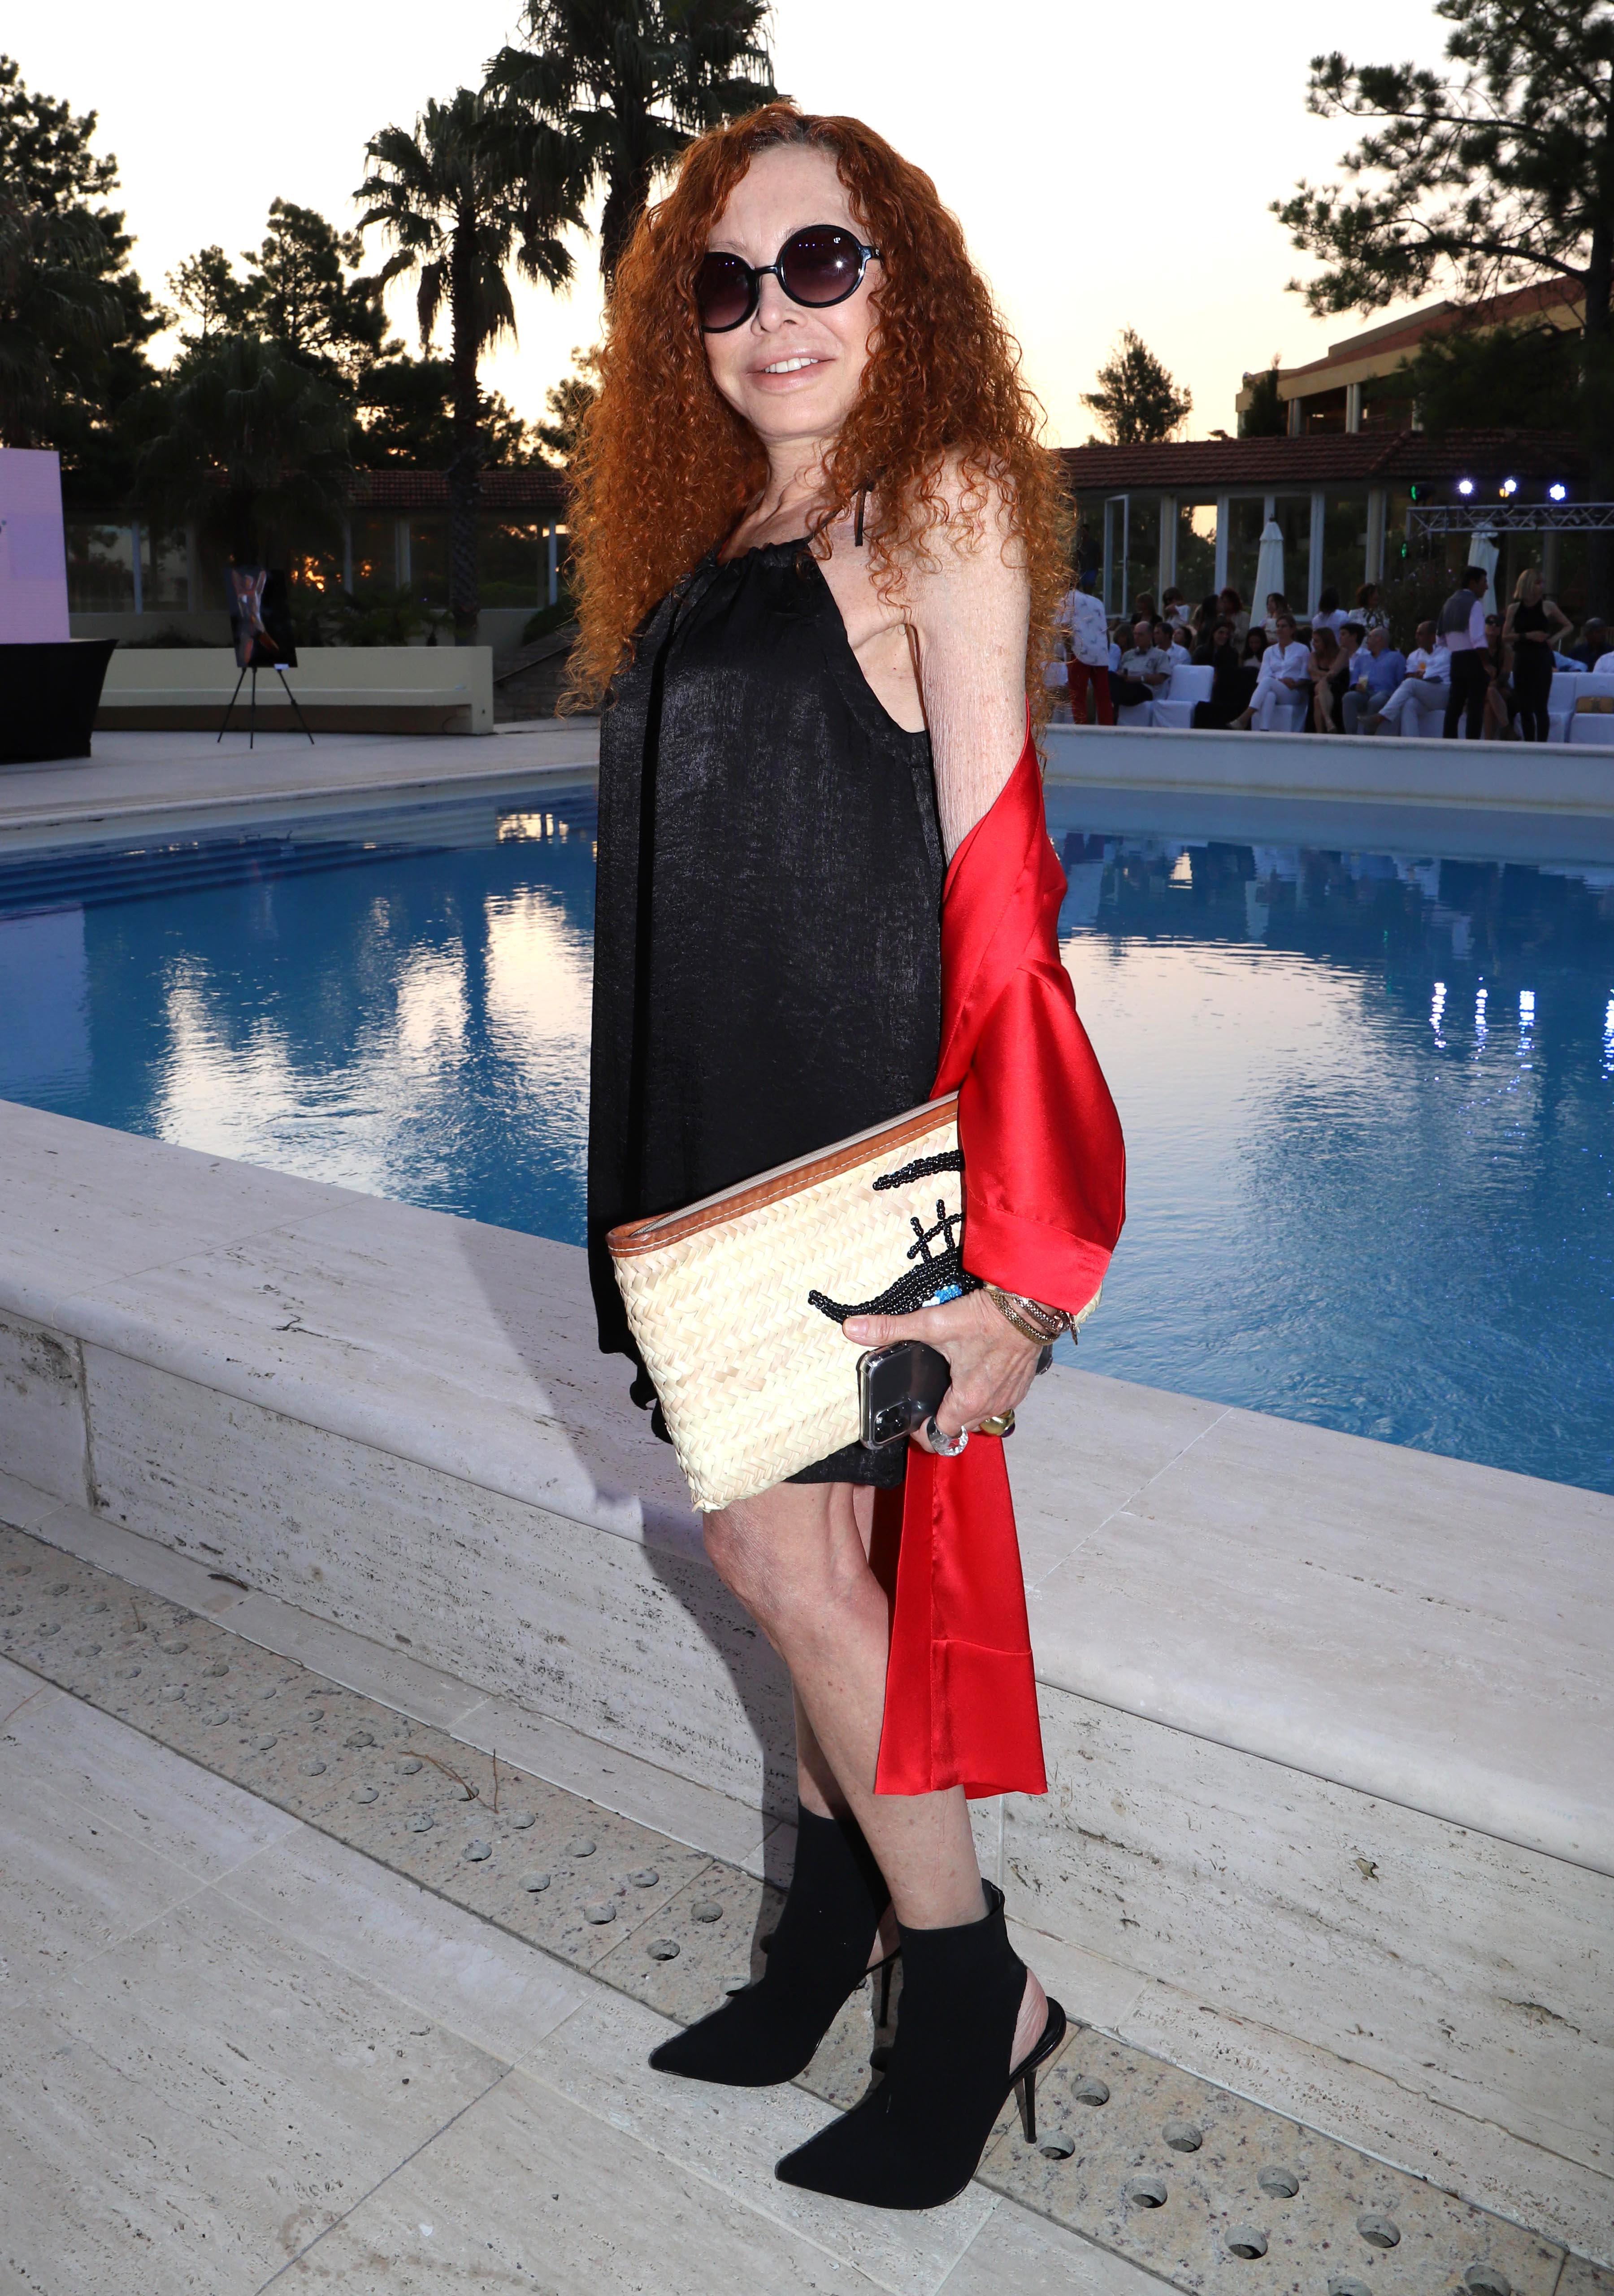 Maureene Dinar